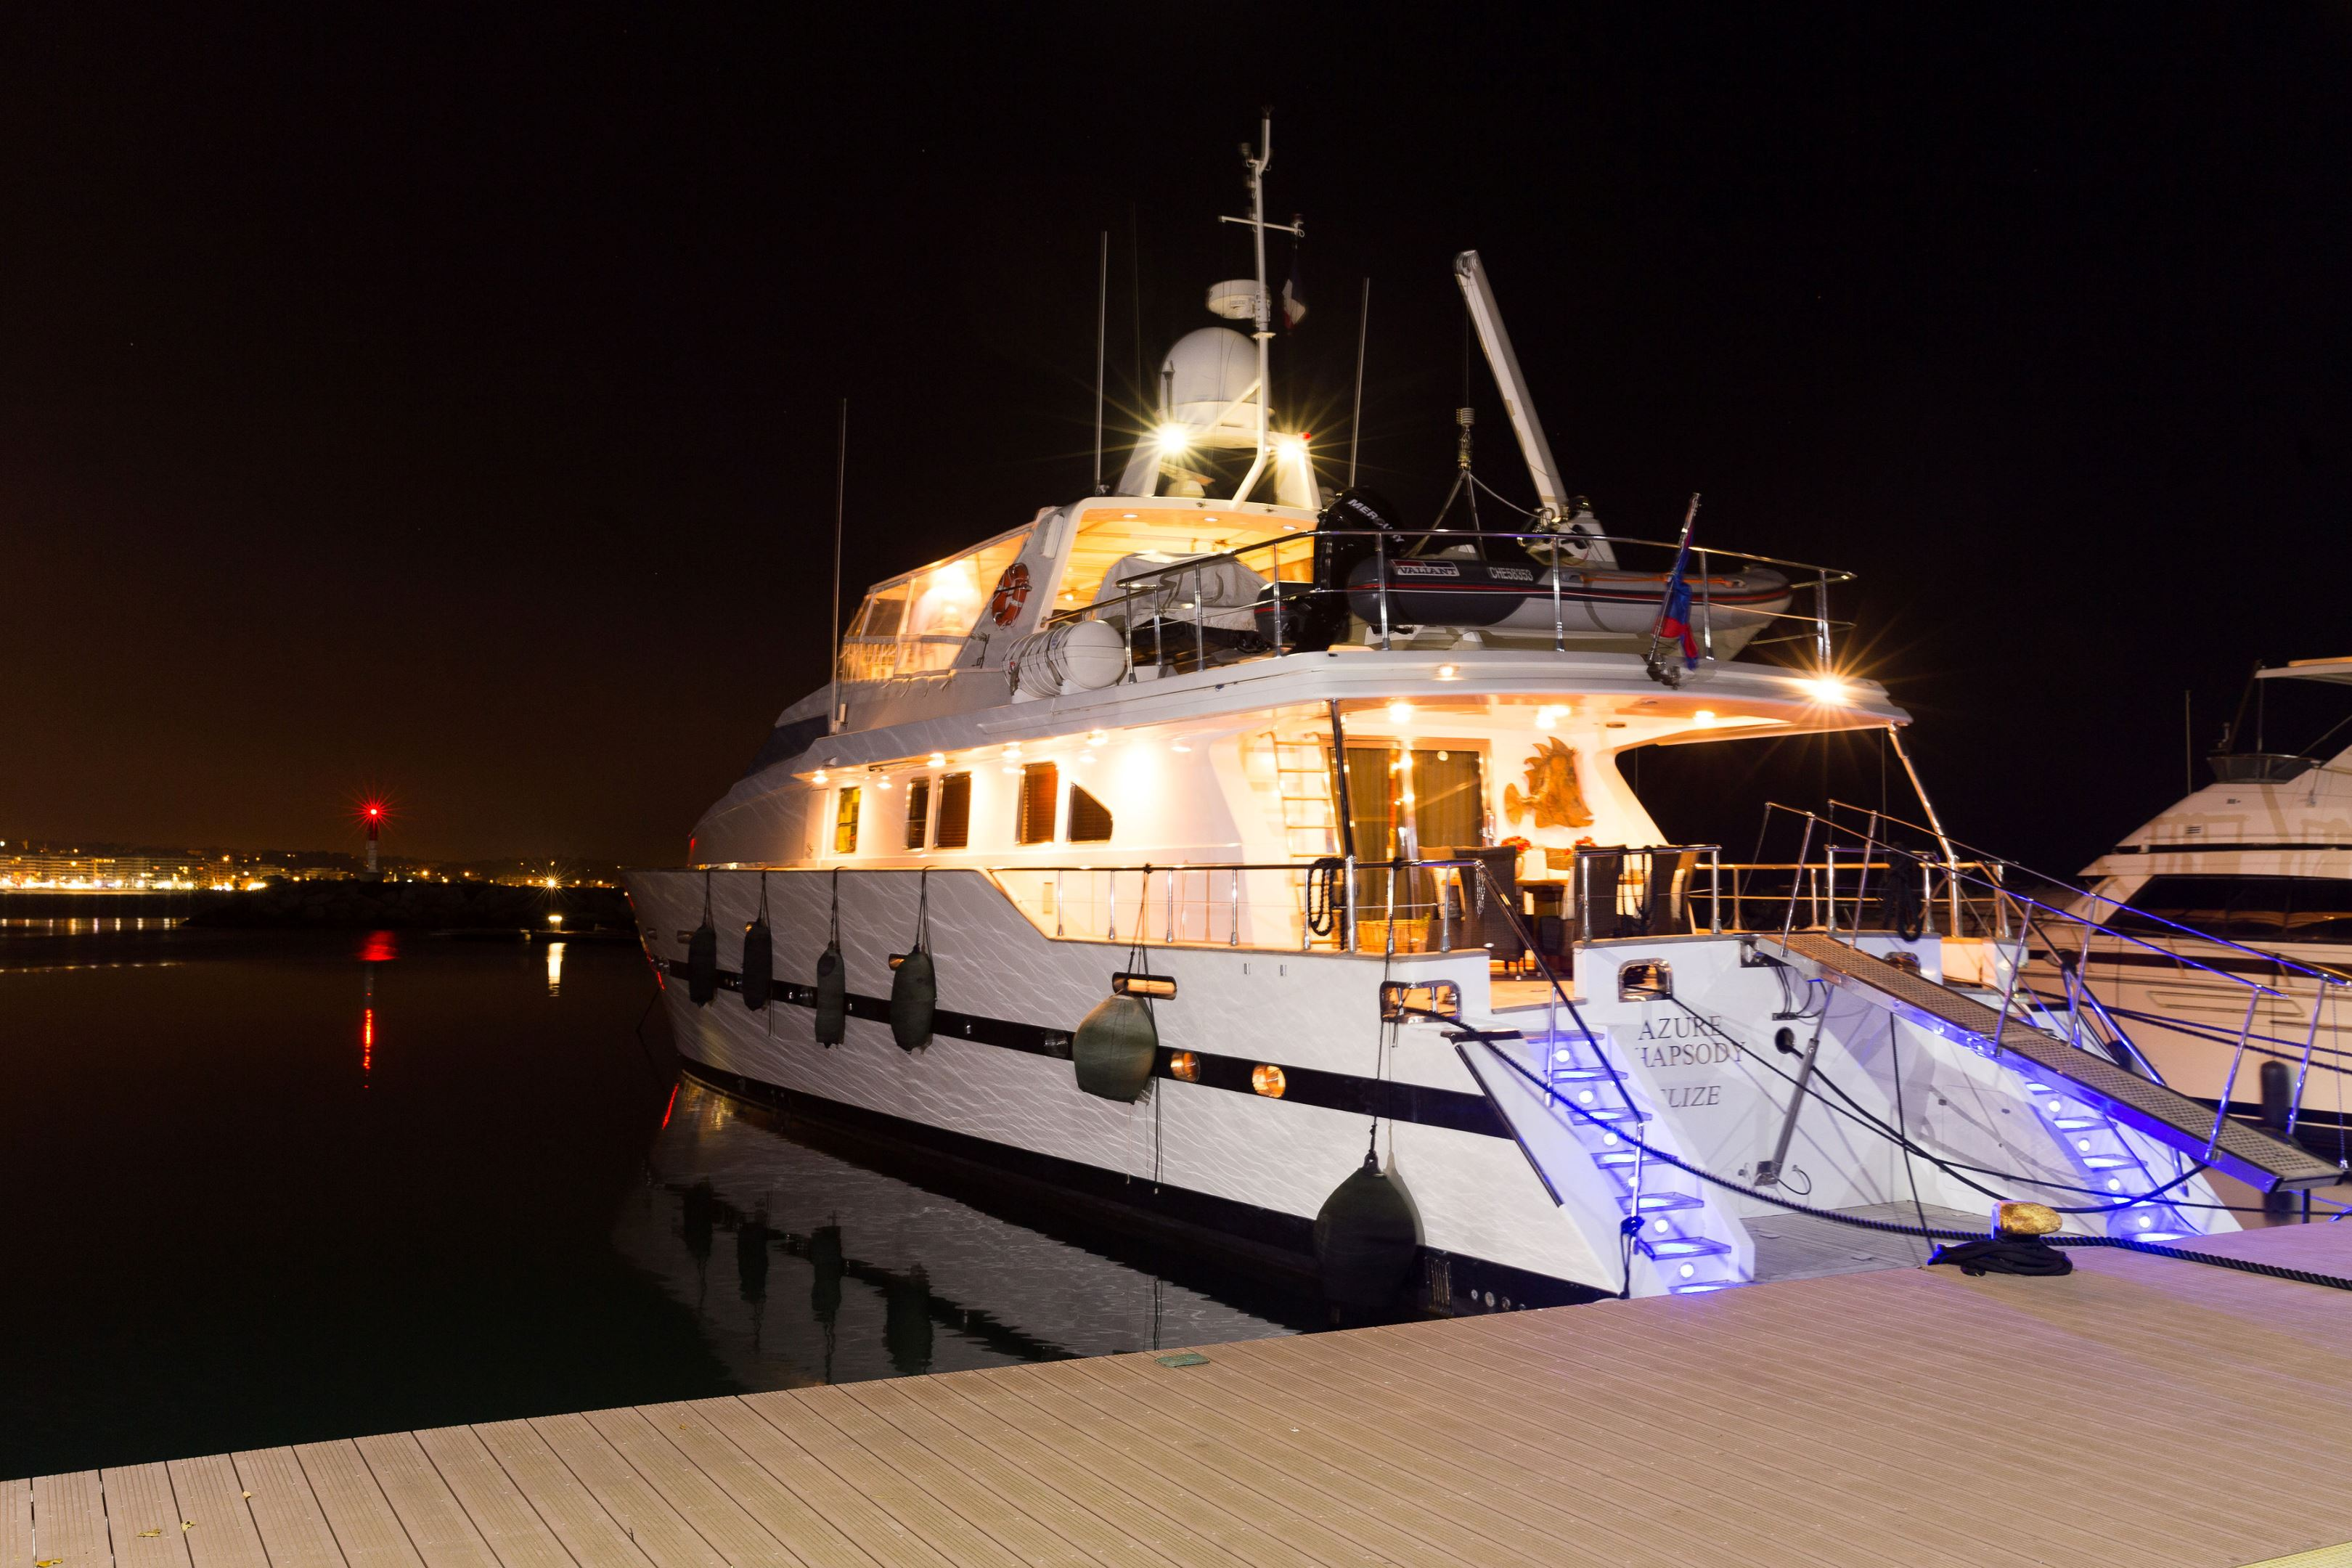 Docked at night